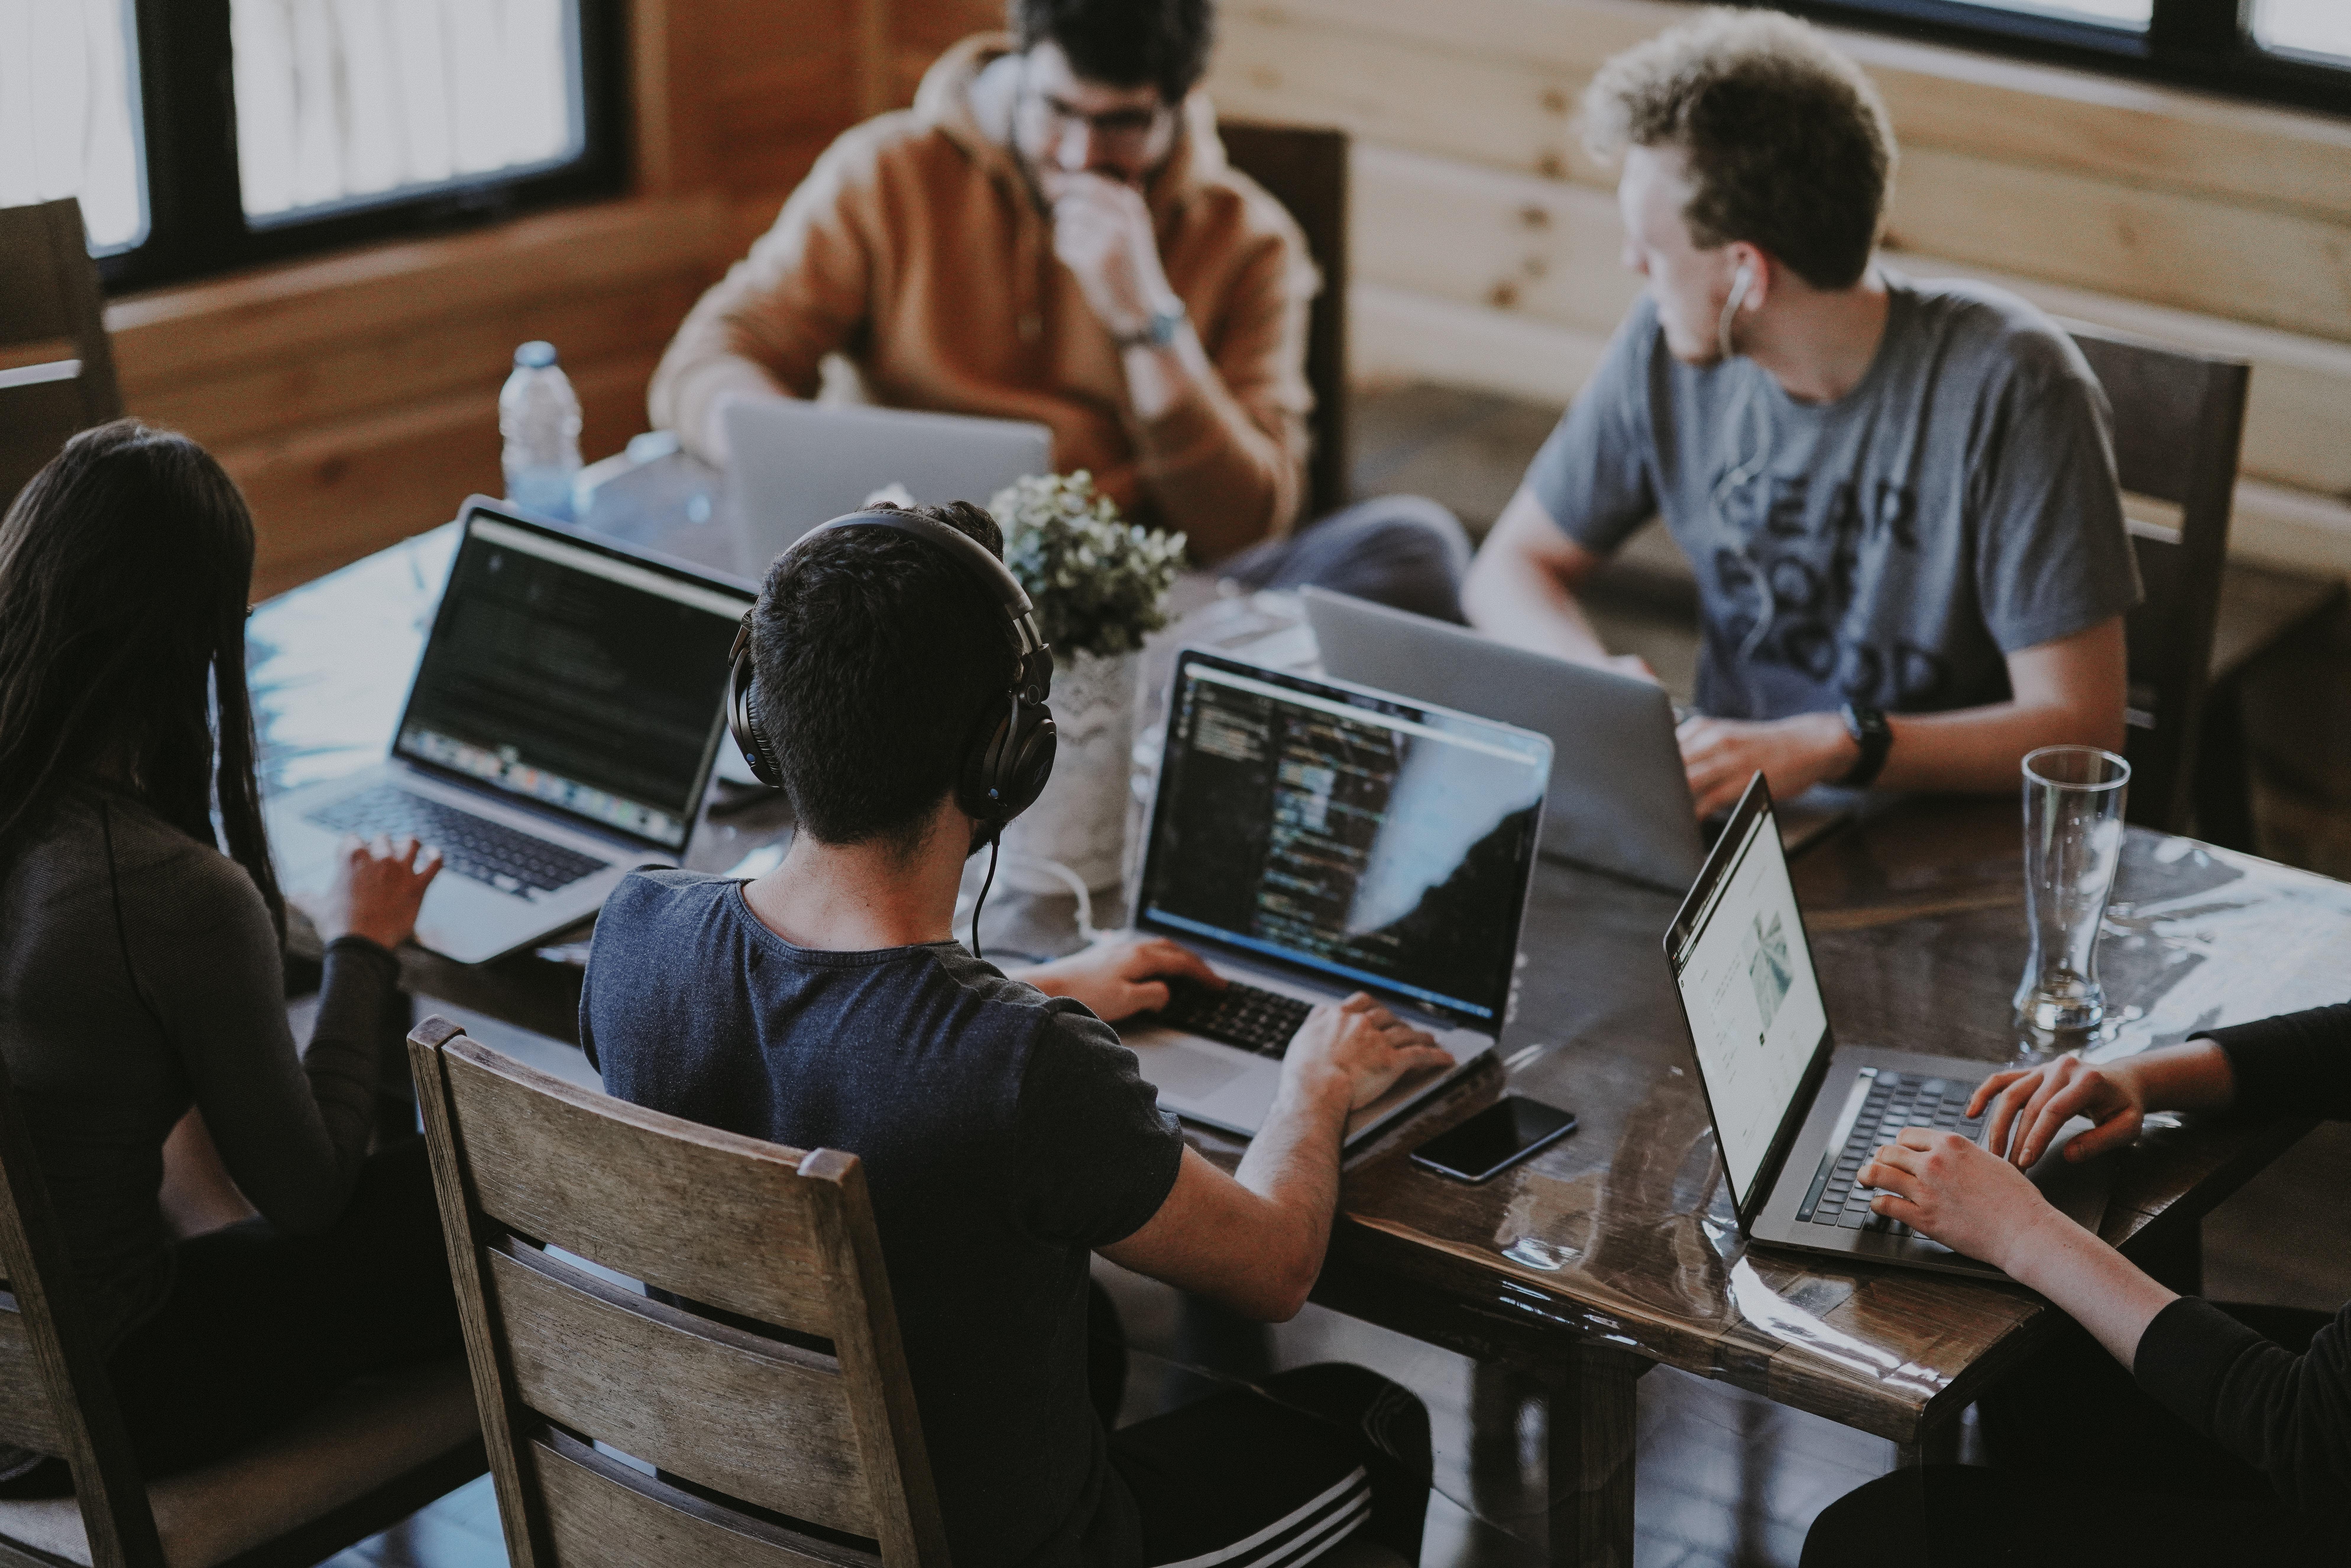 Ventajas de convertir tu lugar de trabajo en un espacio inteligente